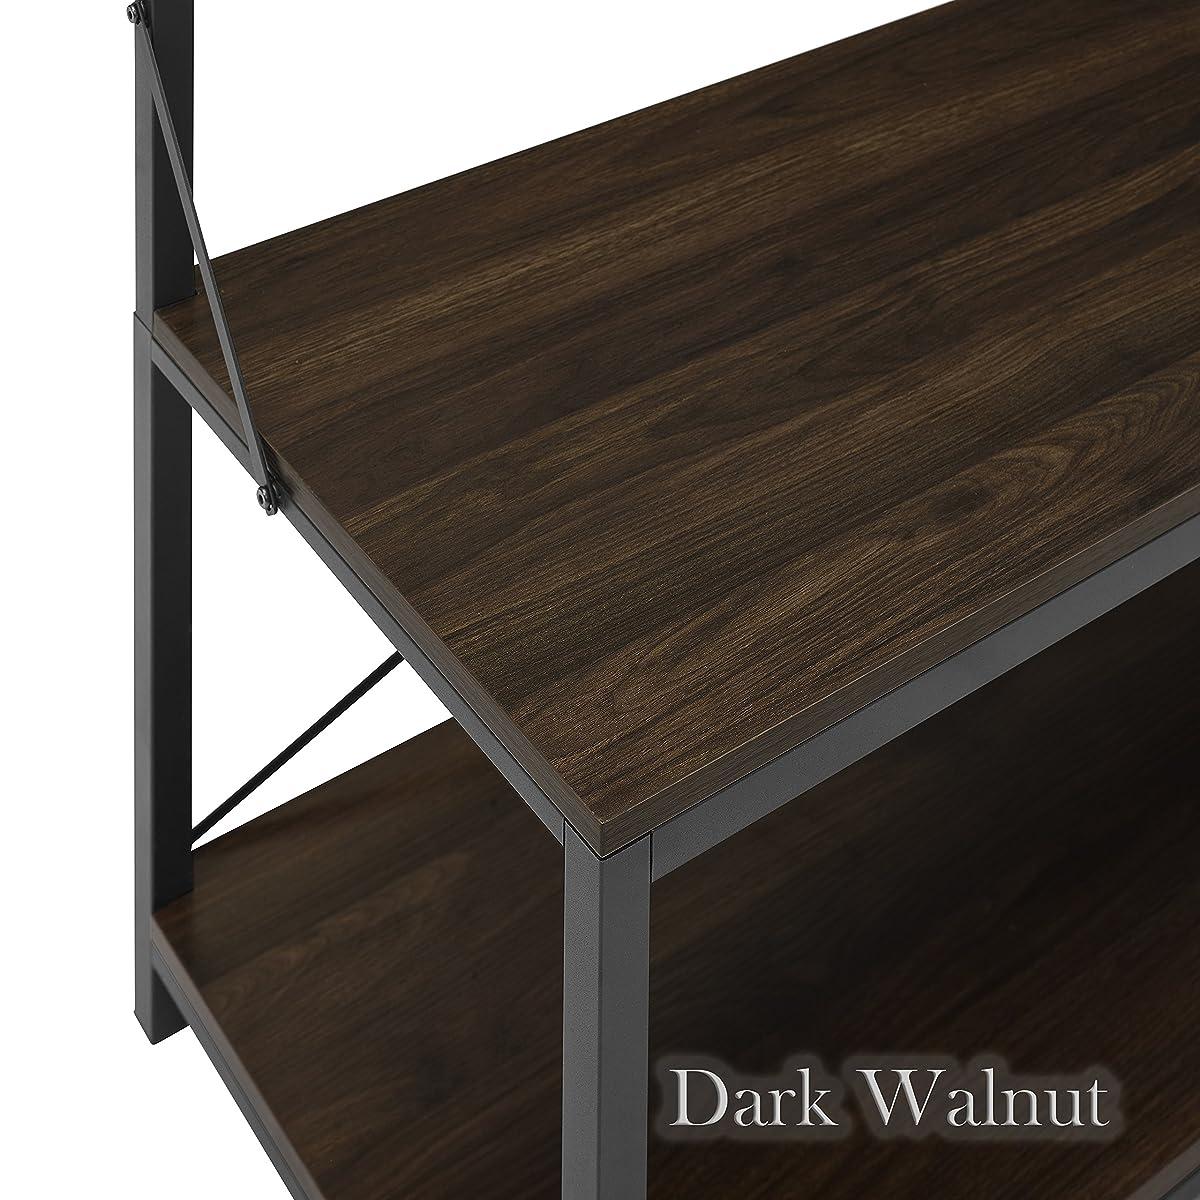 New 72 Inch Tall Hall Tree - Dark Walnut Color